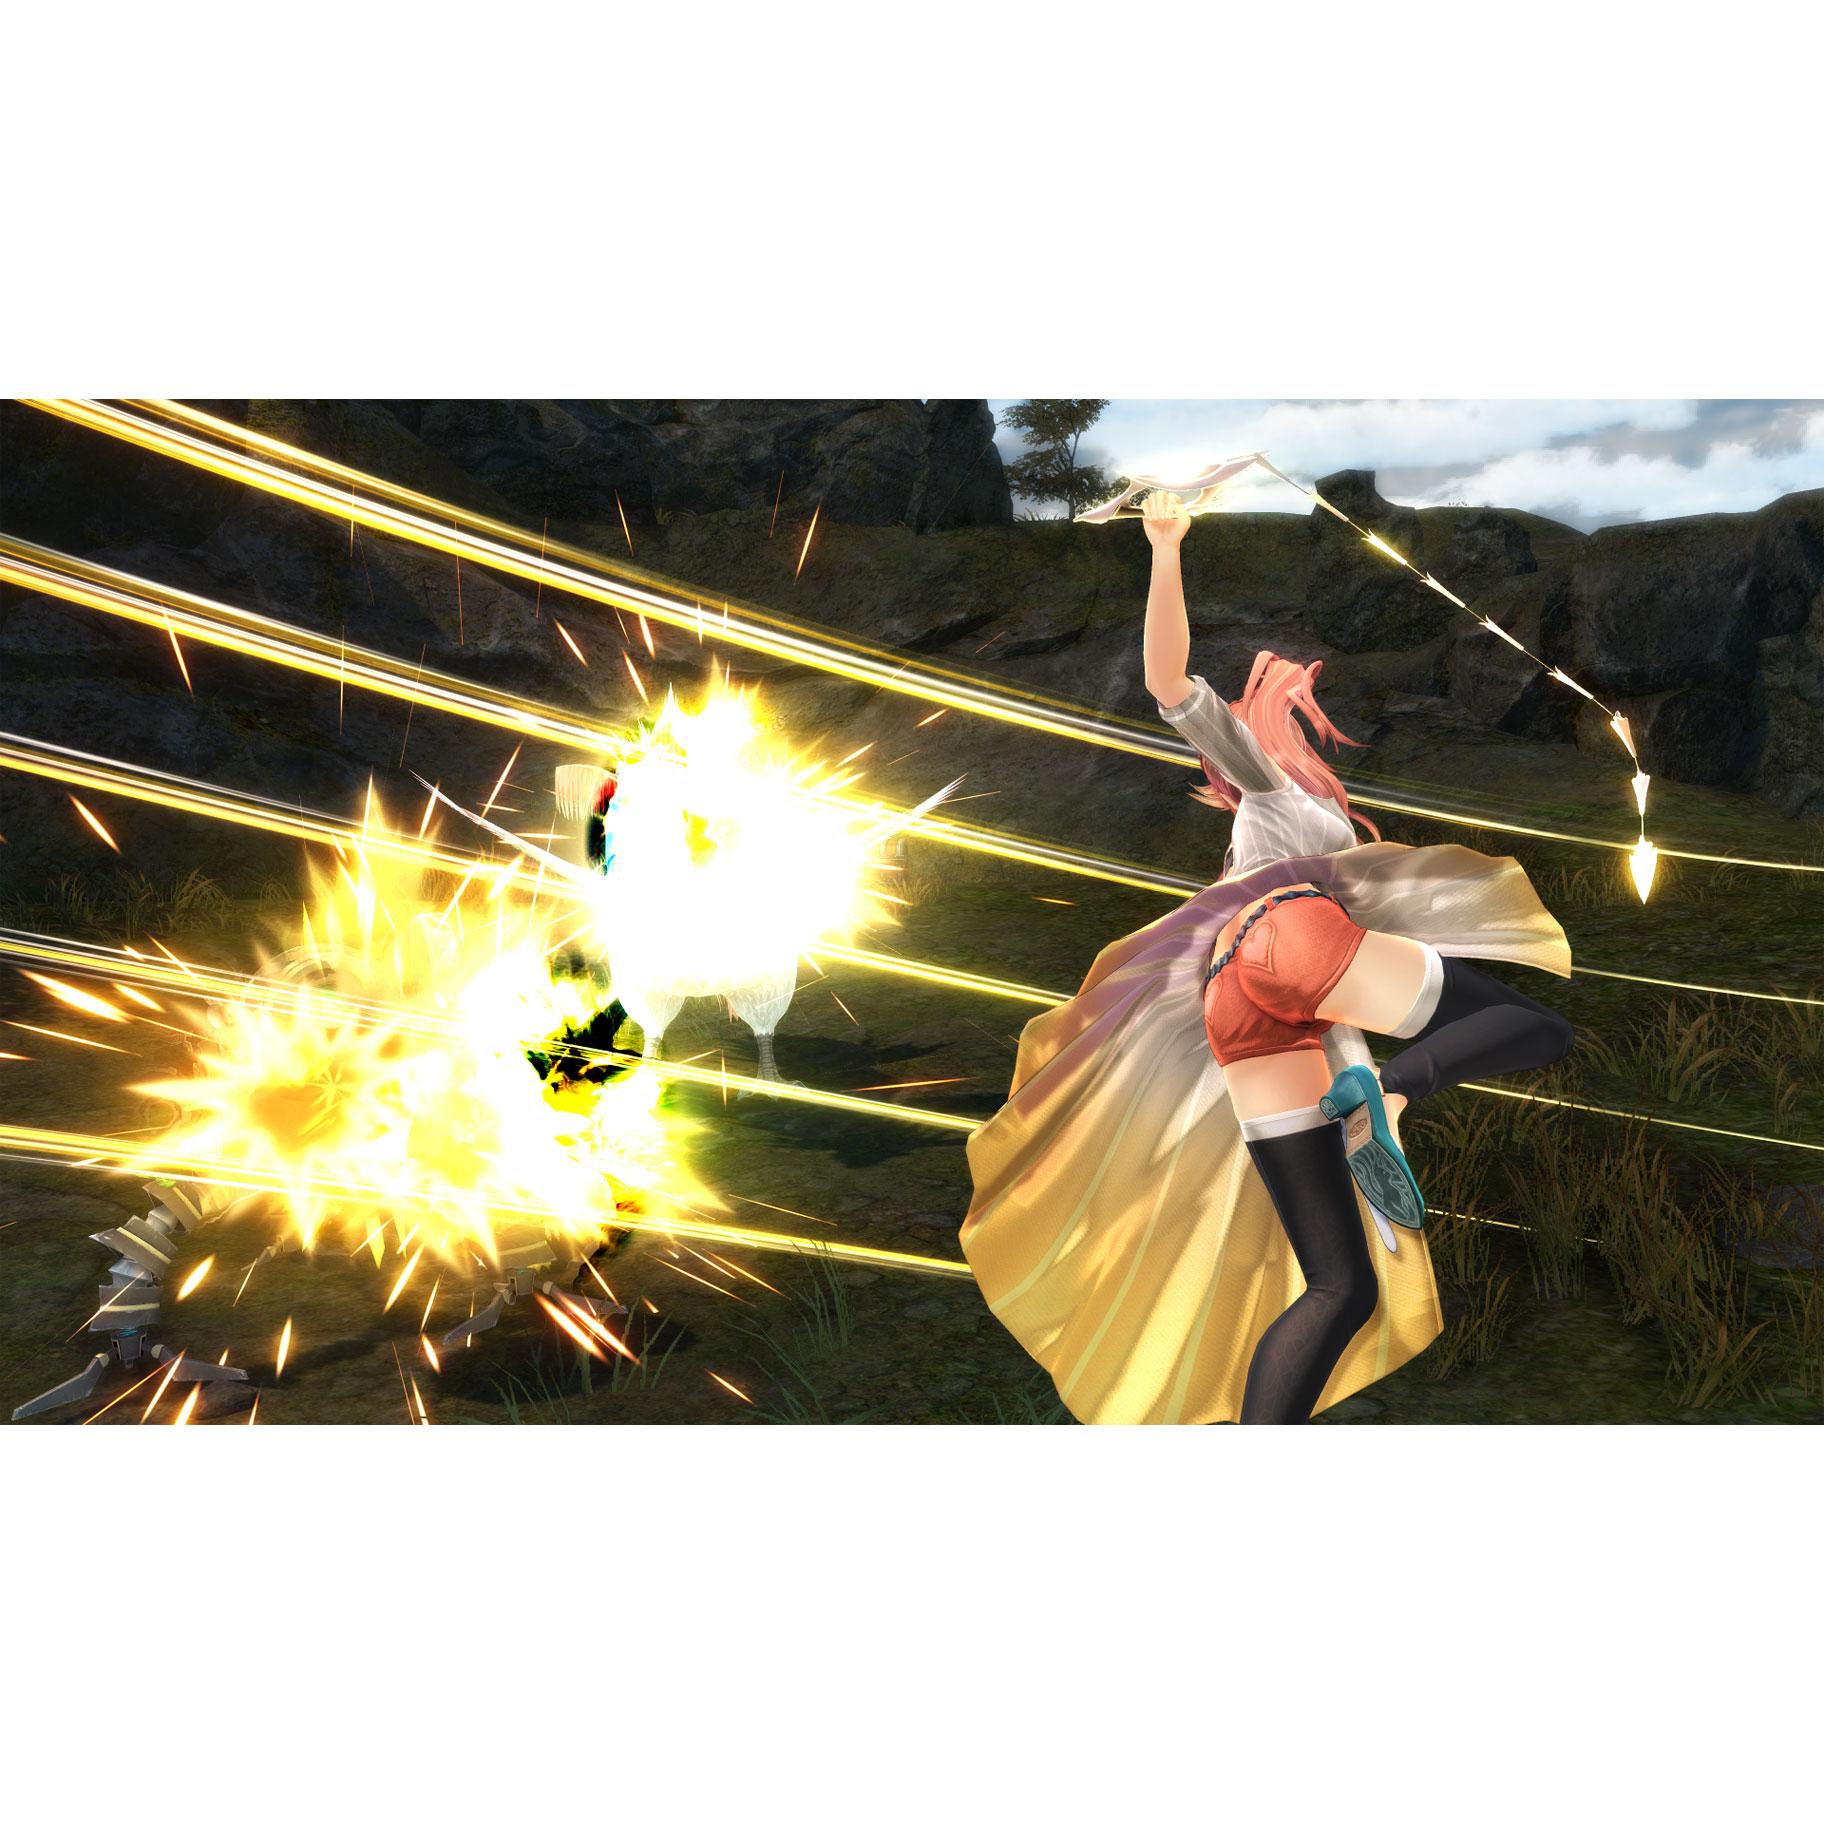 英雄伝説 黎の軌跡 通常版 【PS4ゲームソフト】_8